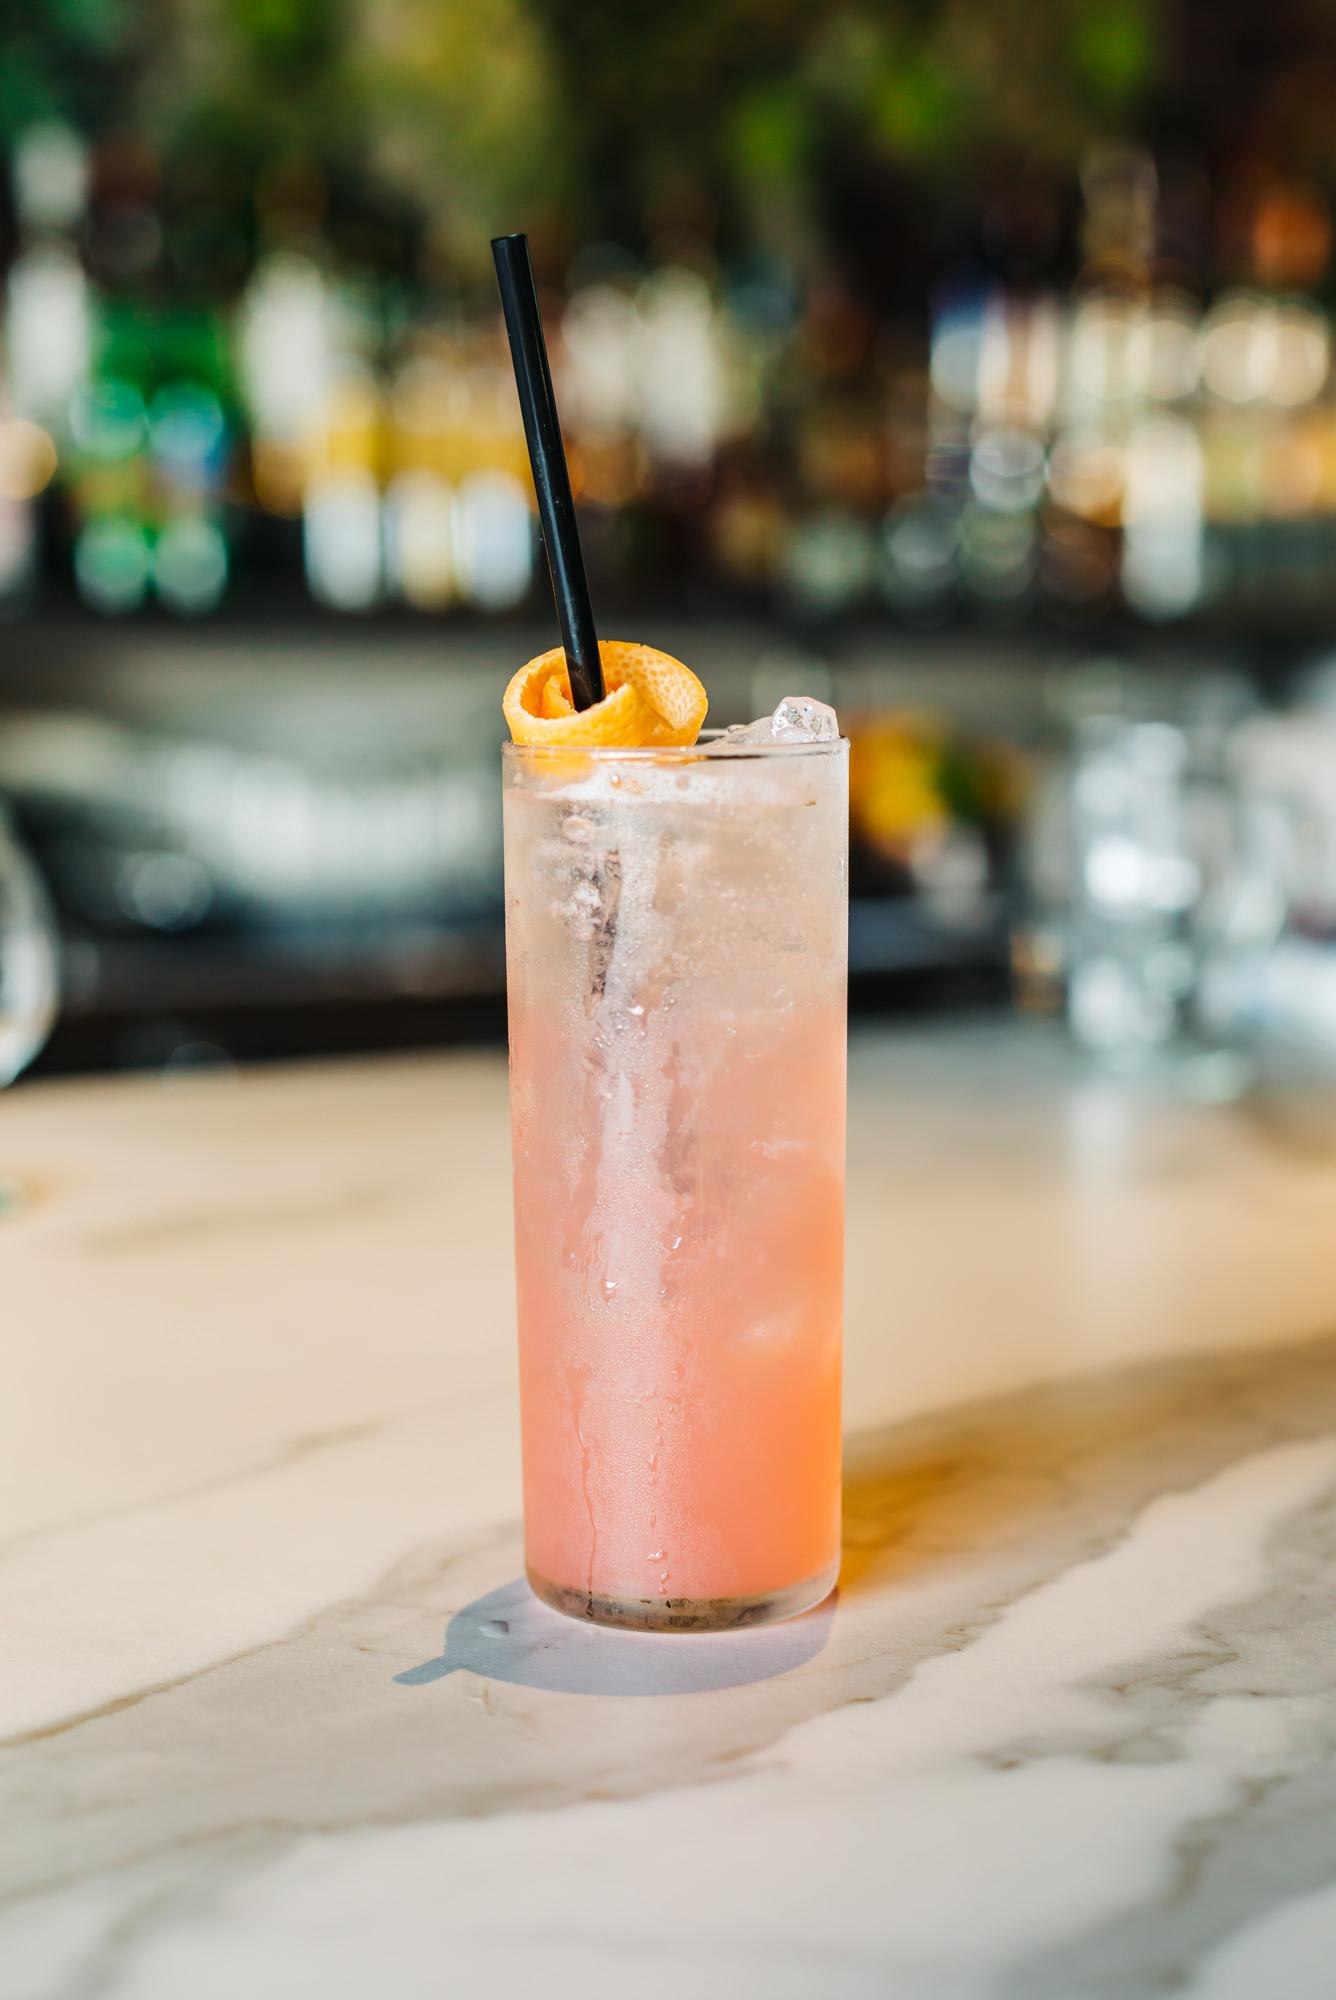 Refreshing O Paloma drink at O Cocina's in Tampa, Florida